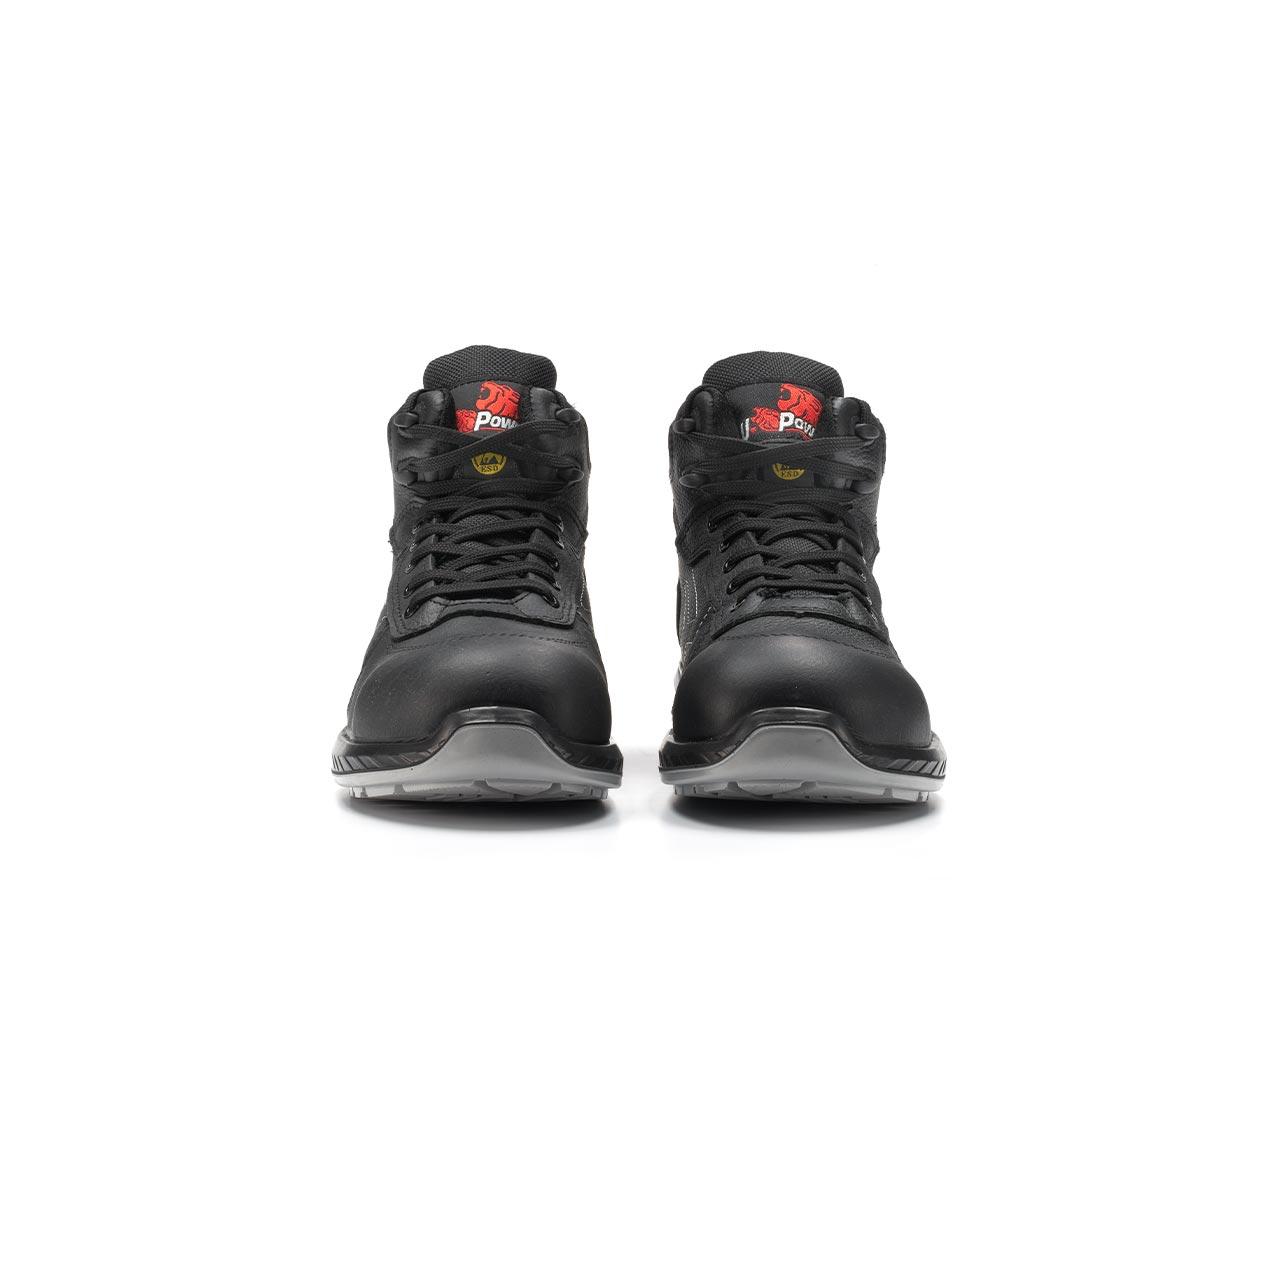 paio di scarpe antinfortunistiche alte upower modello scuro linea redindustry vista frontale